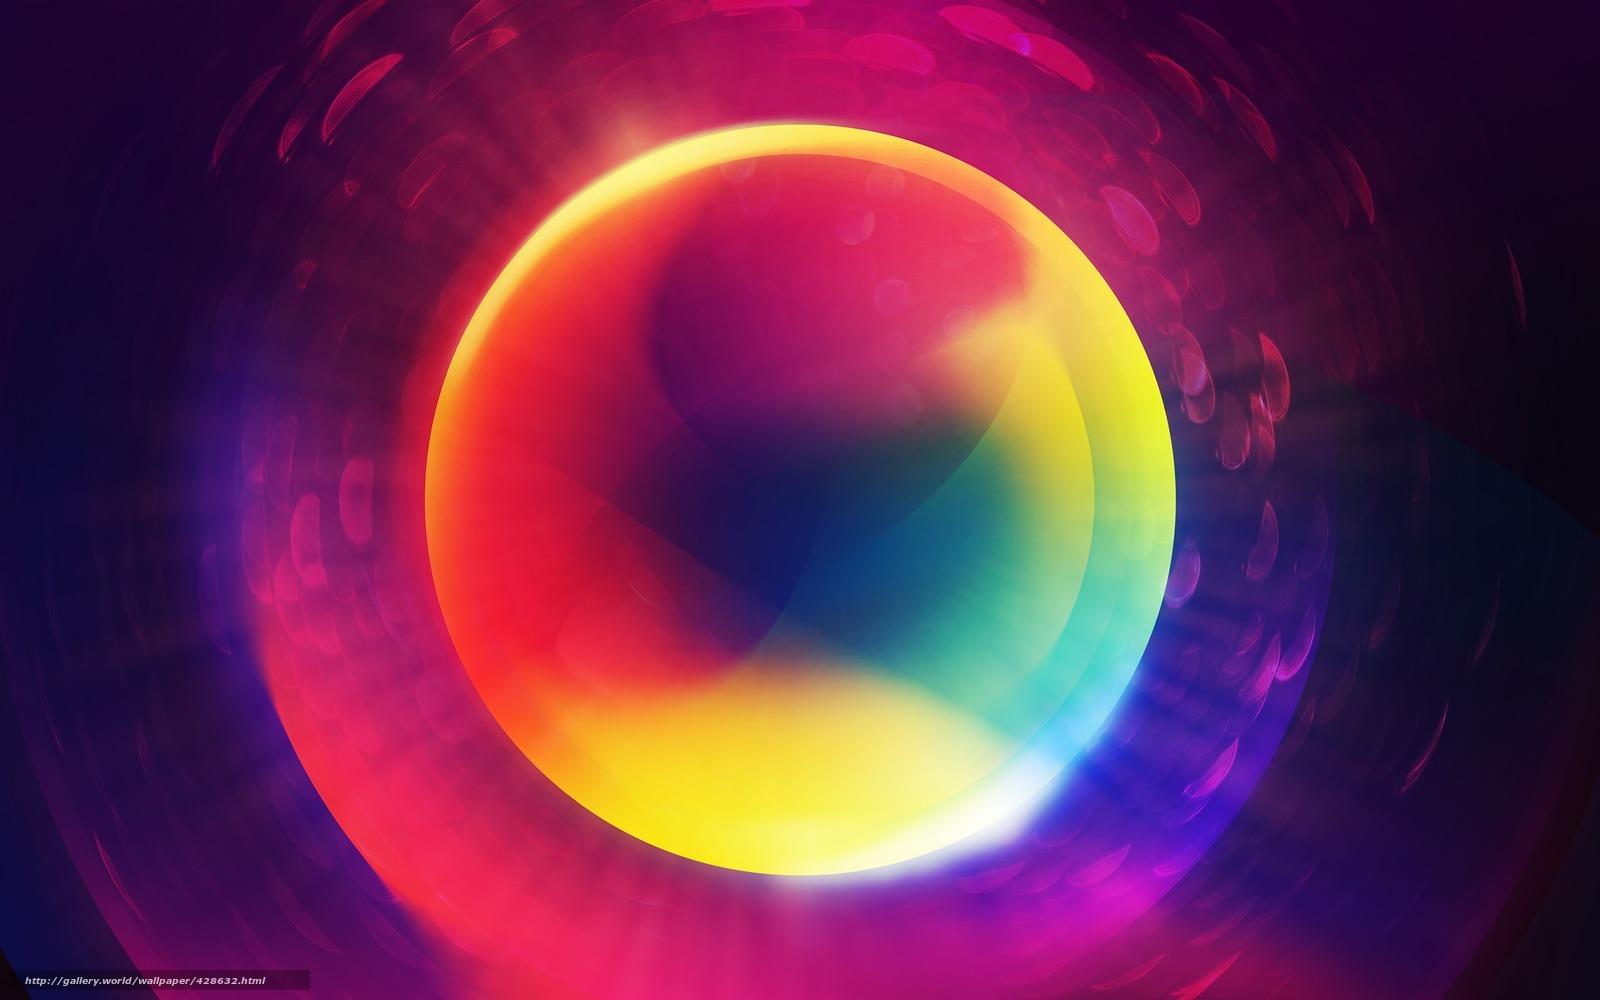 Скачать обои абстракция,  цвета,  спектр,  радуга бесплатно для рабочего стола в разрешении 2560x1600 — картинка №428632